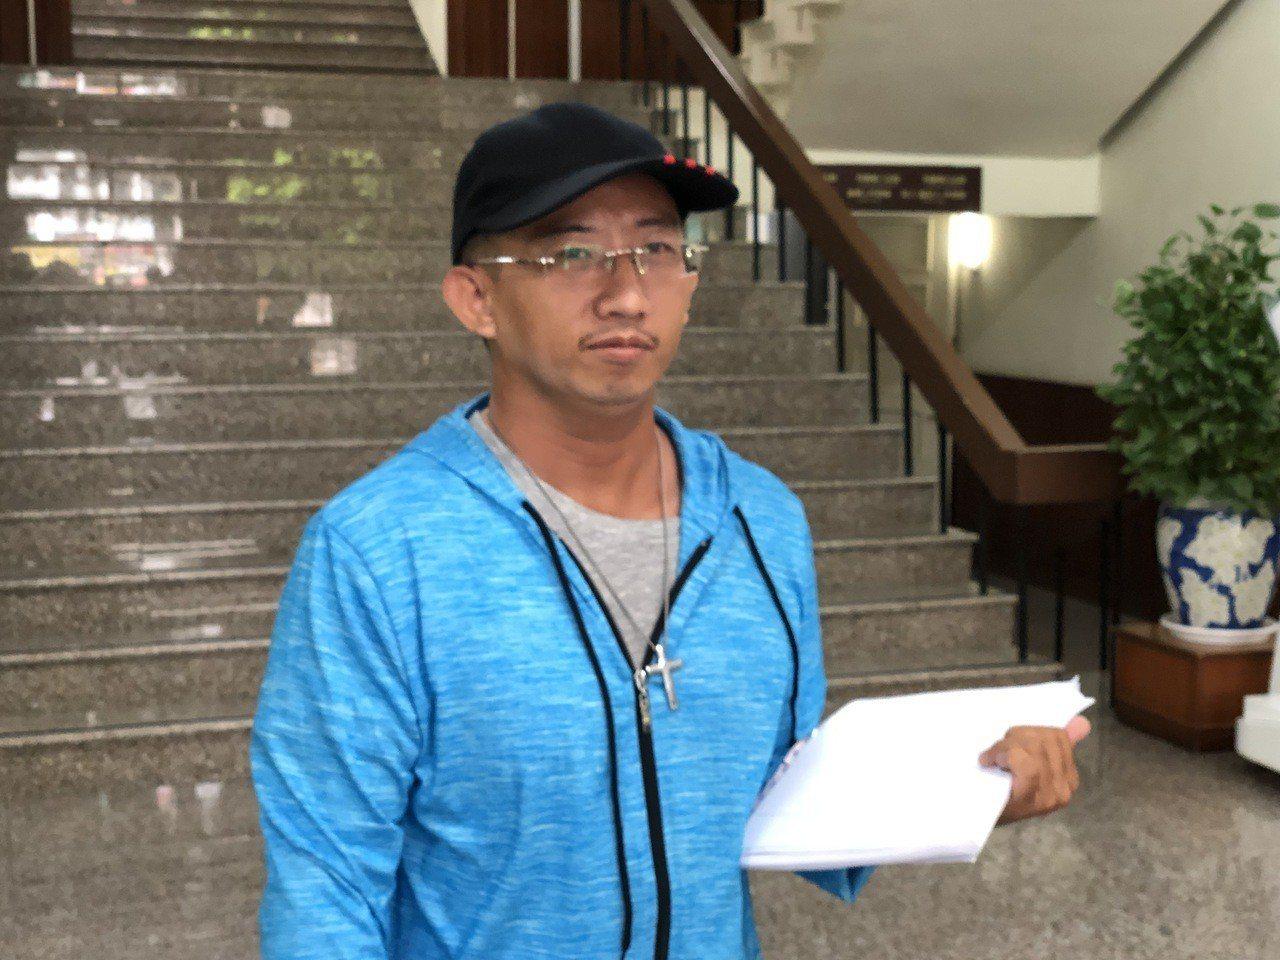 謝志宏神清氣爽出庭,現是汽車材料送貨員的他說,曬黑了,也變瘦了。記者邵心杰/攝影